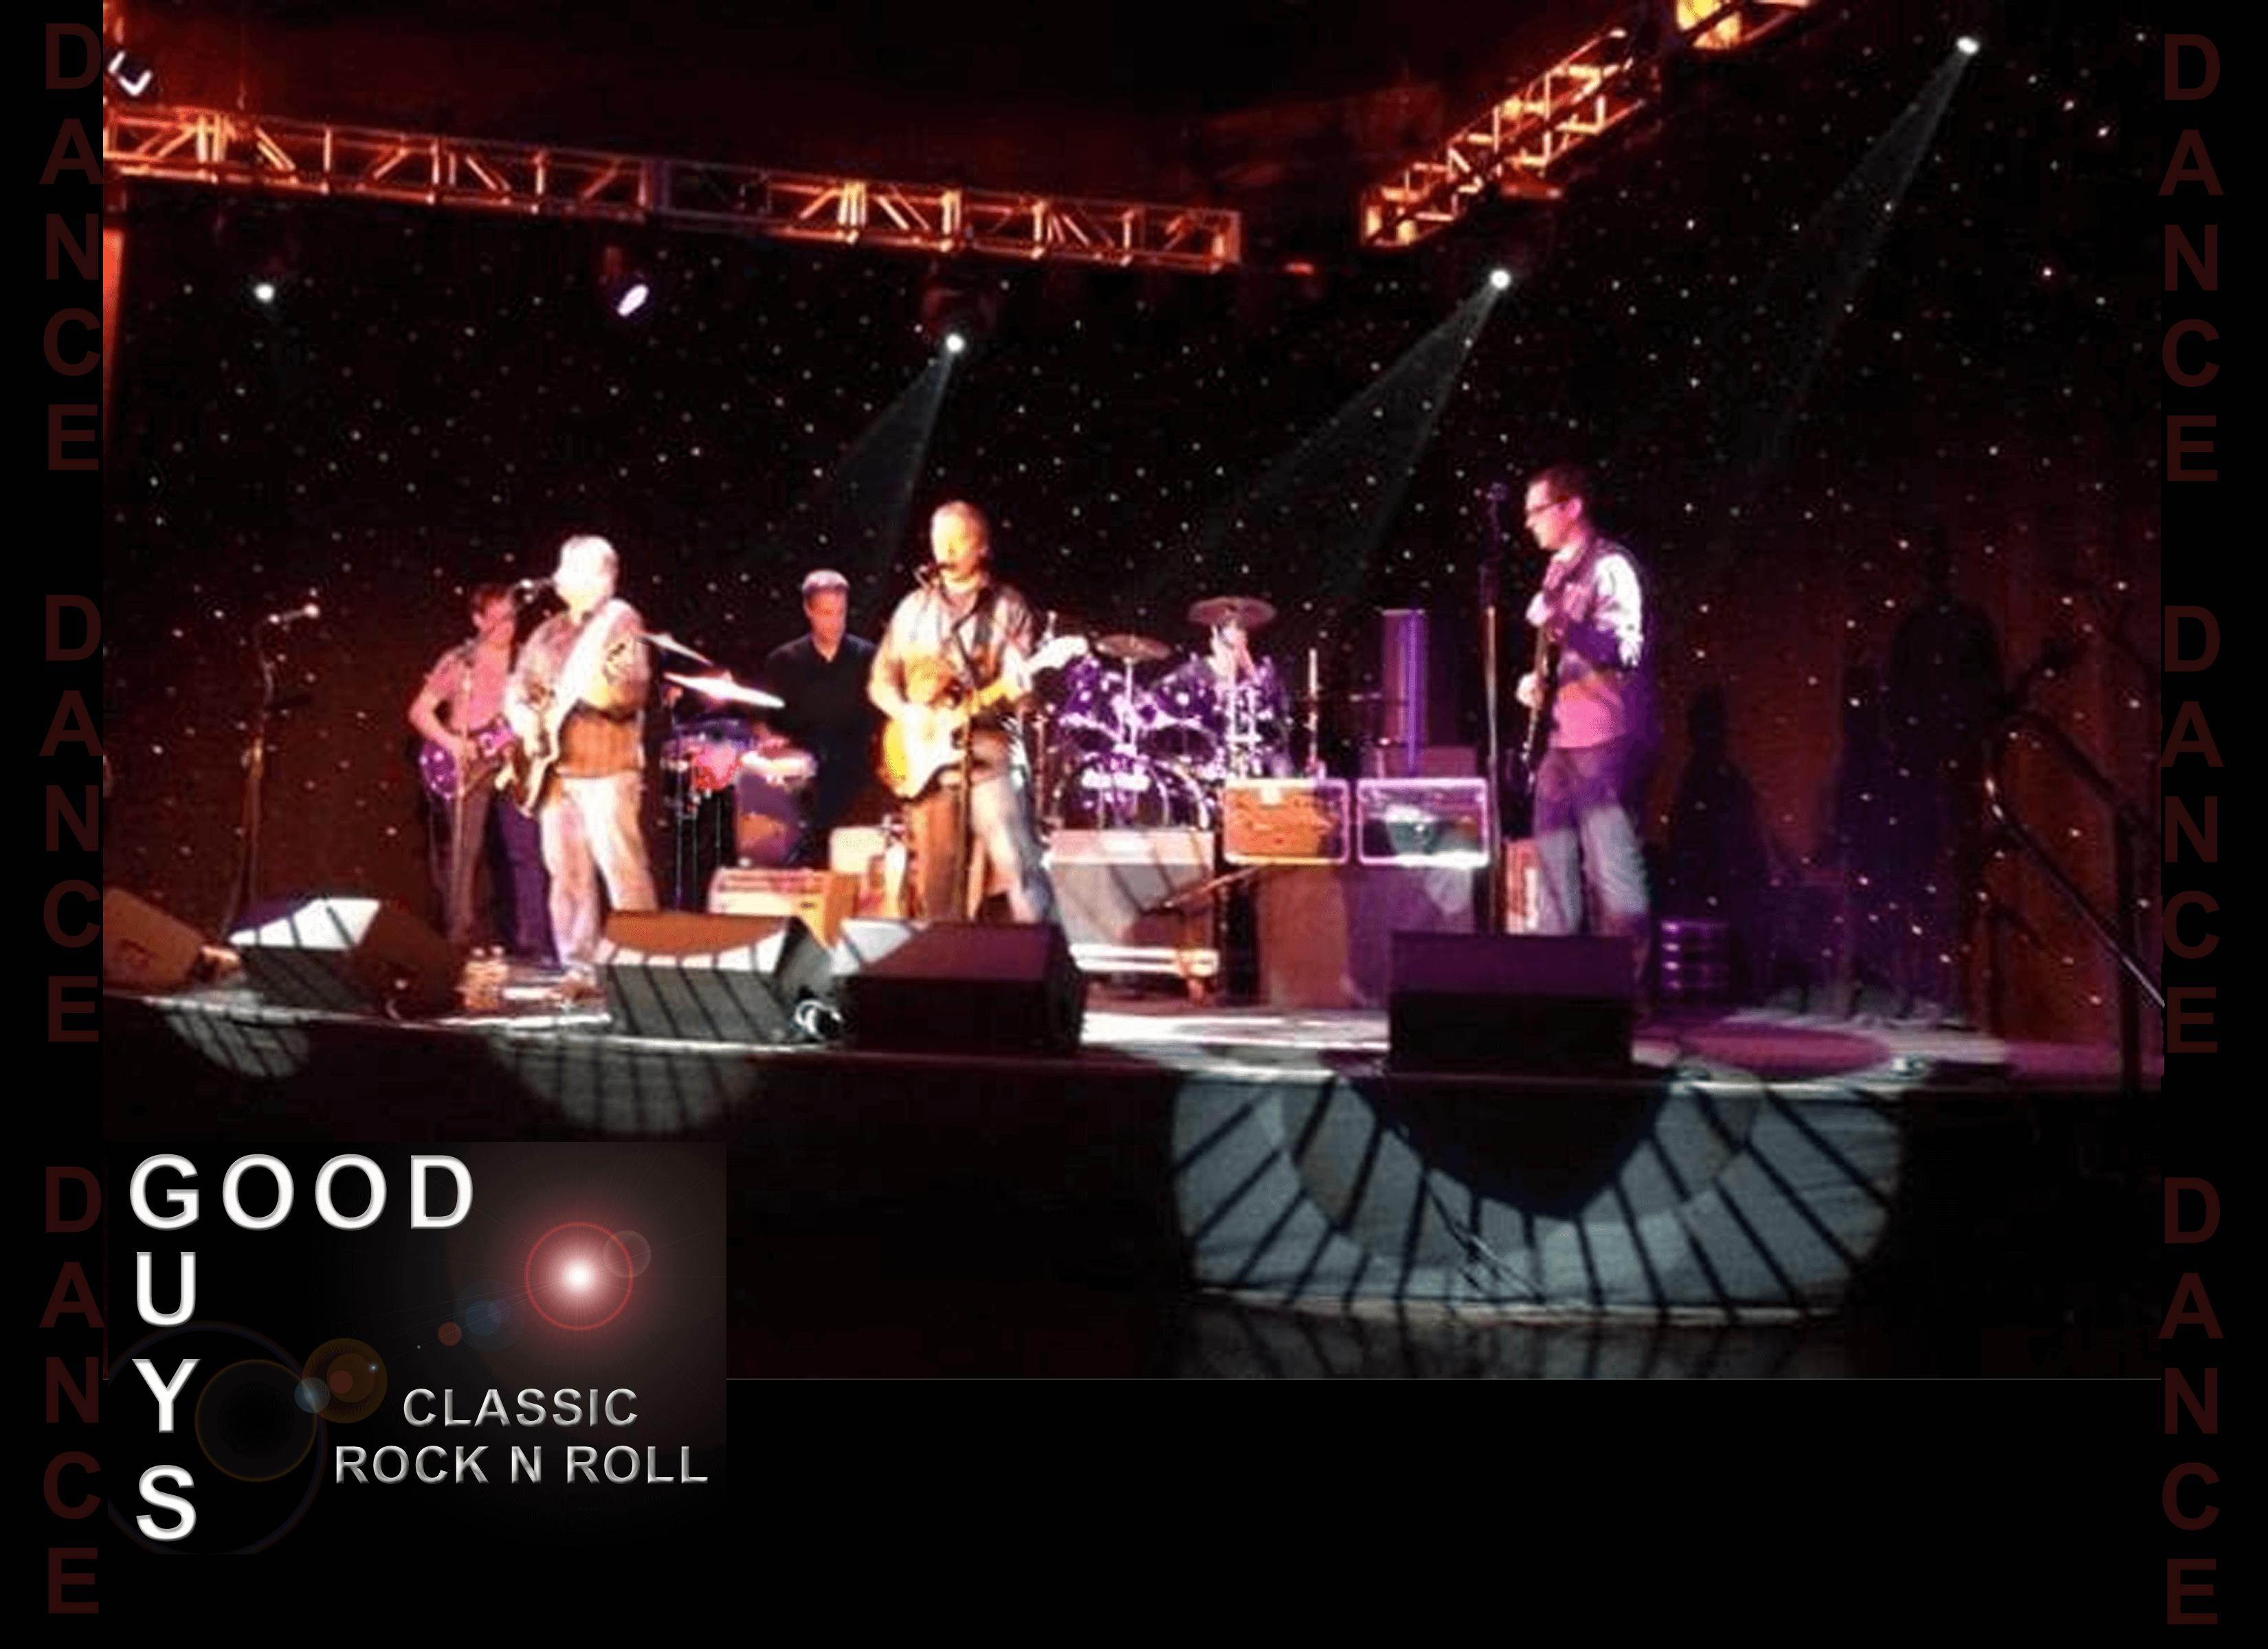 Good Guys Band at Honi-Honi Bar